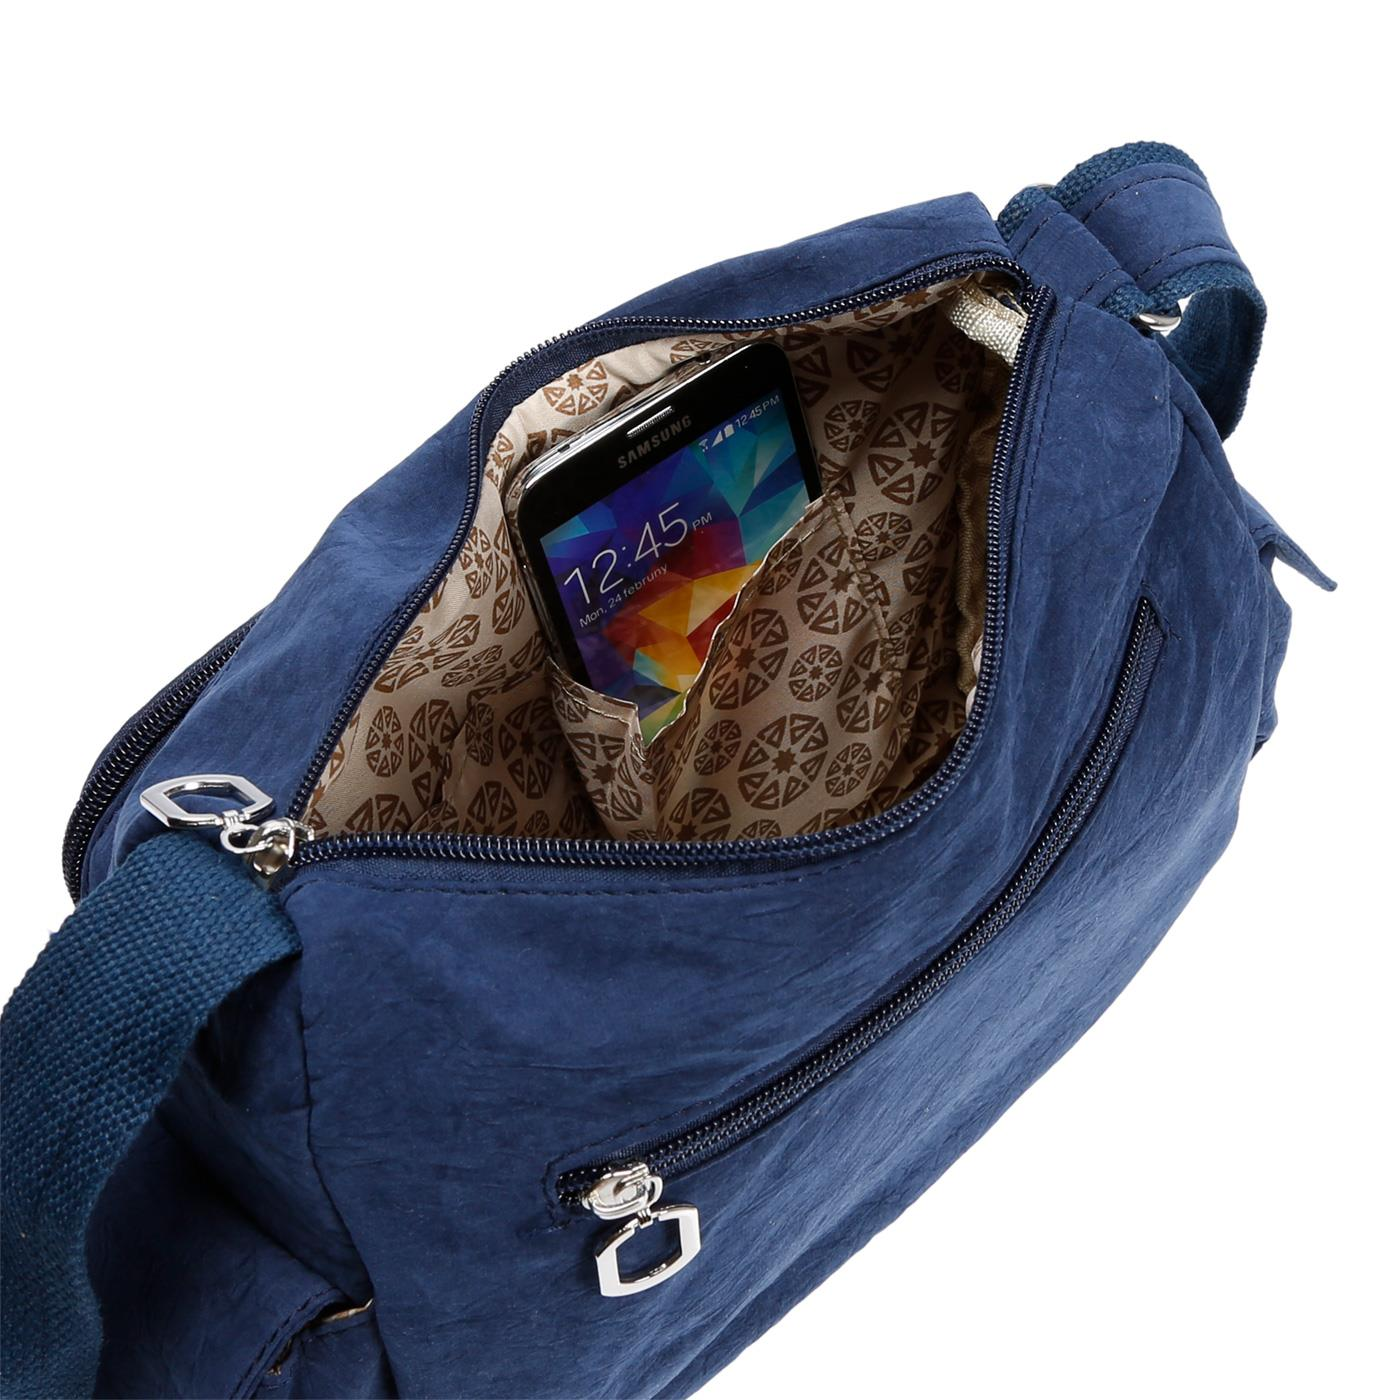 Damenhandtasche-Schultertasche-Tasche-Umhaengetasche-Canvas-Shopper-Crossover-Bag Indexbild 12